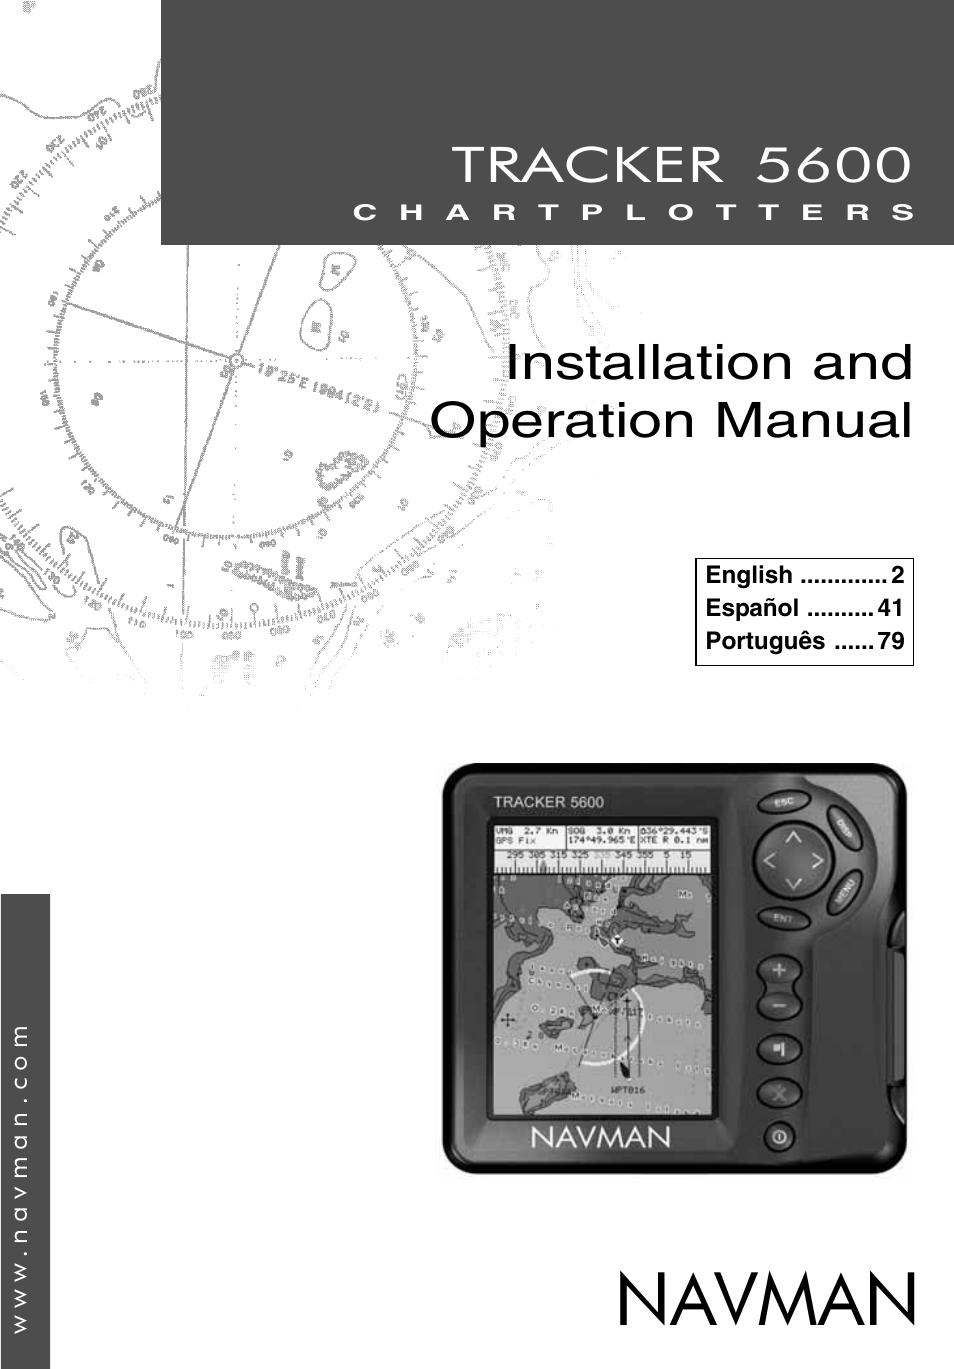 navman tracker plotter tracker 5600 user manual 42 pages rh manualsdir com Honeywell Thermostat Installation Manual Vinyl Graphics Installation Guide